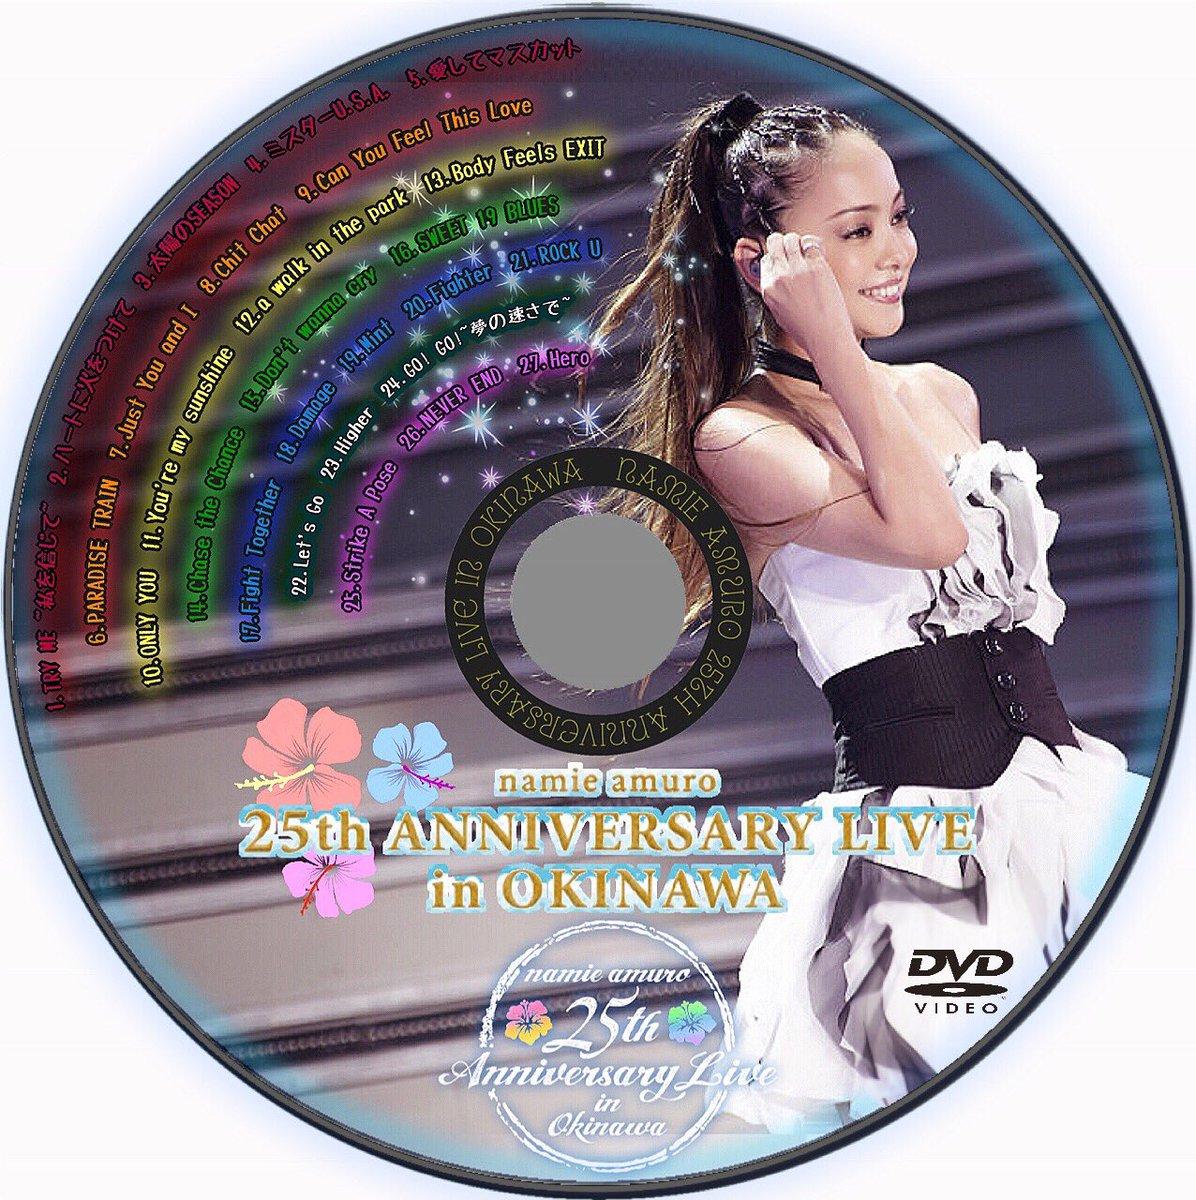 安室奈美恵☆デビュー25周年記念ライブ「namie amuro 25th ANNIVERSARY LIVE in OKINAWA」のDVDラベルです♪ #安室奈美恵 #namieamuro #DVDラベル #安室奈美恵DVDラベル